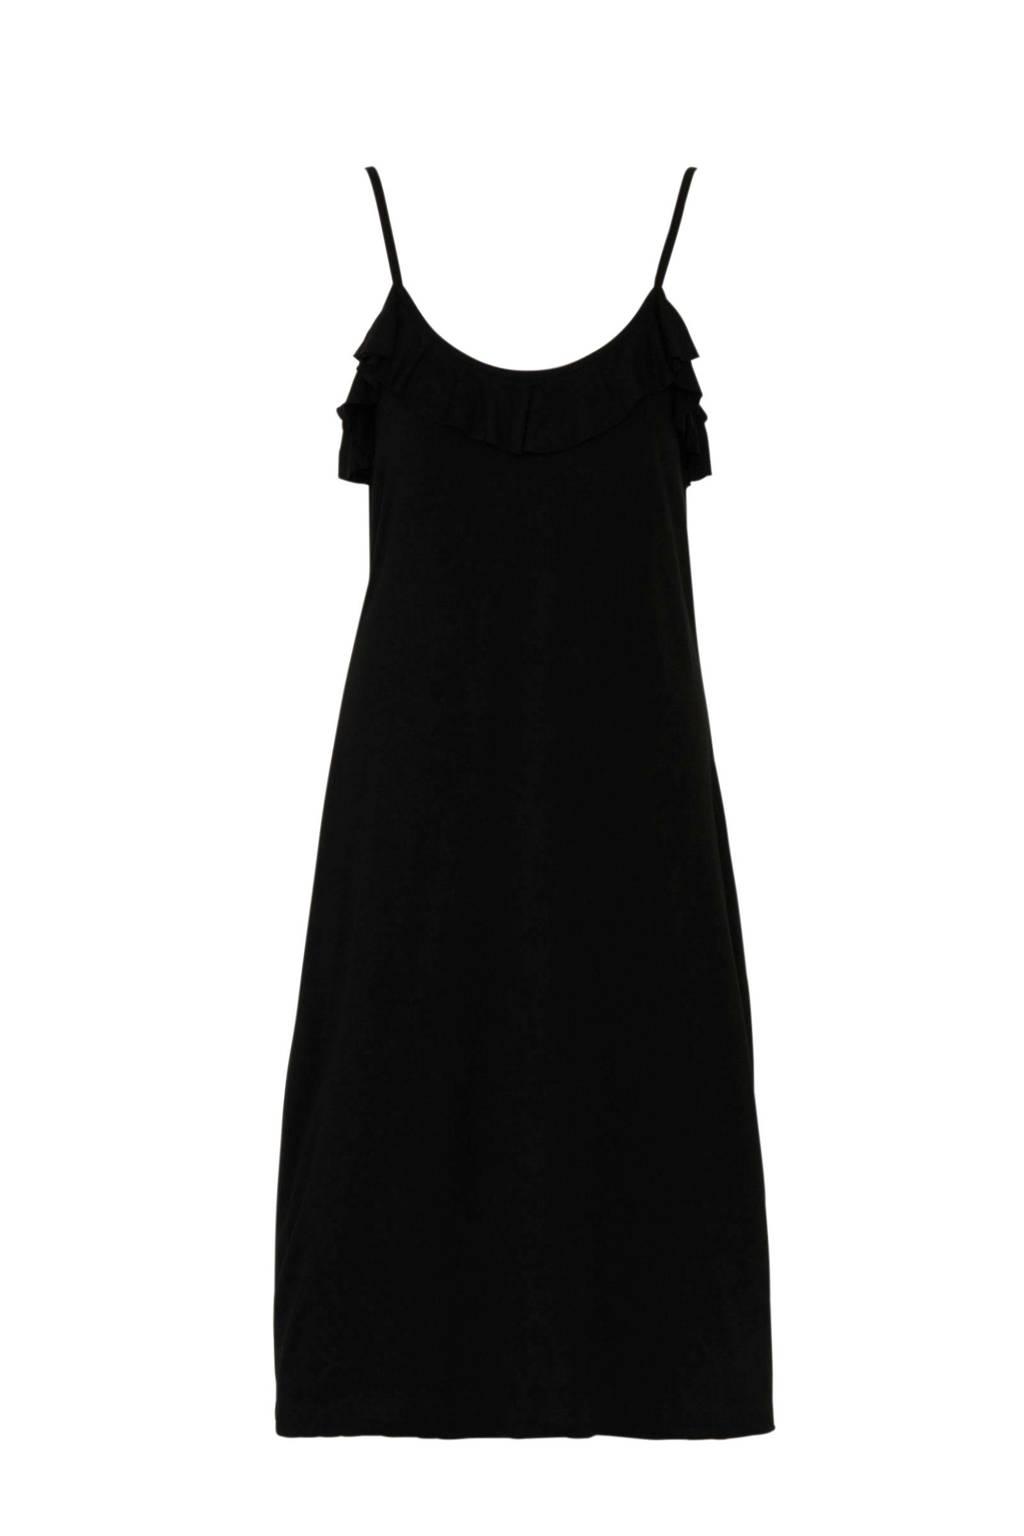 whkmp's beachwave jersey strandjurk met volant zwart, Zwart